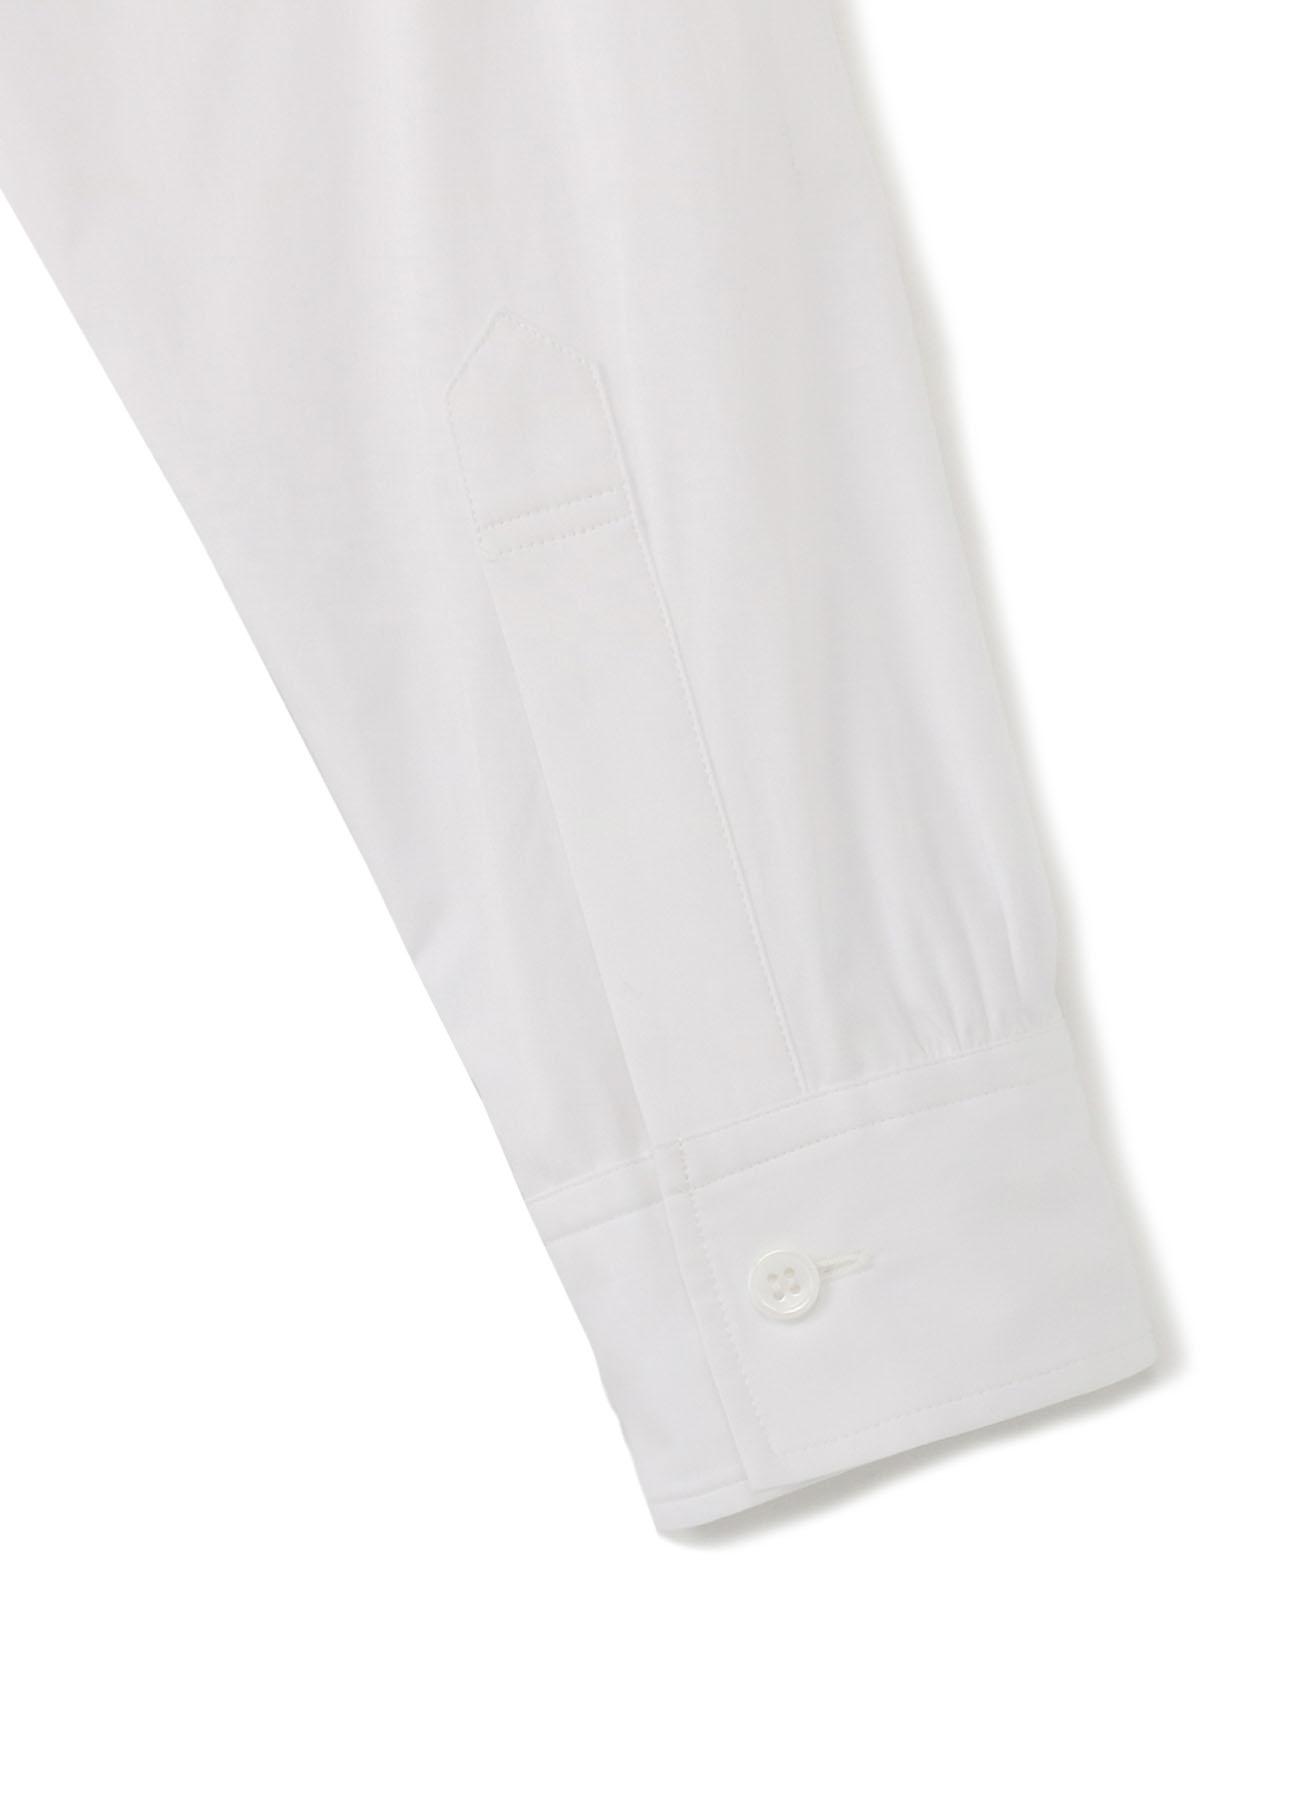 No.81 コインポケットシャツ コットンブロード